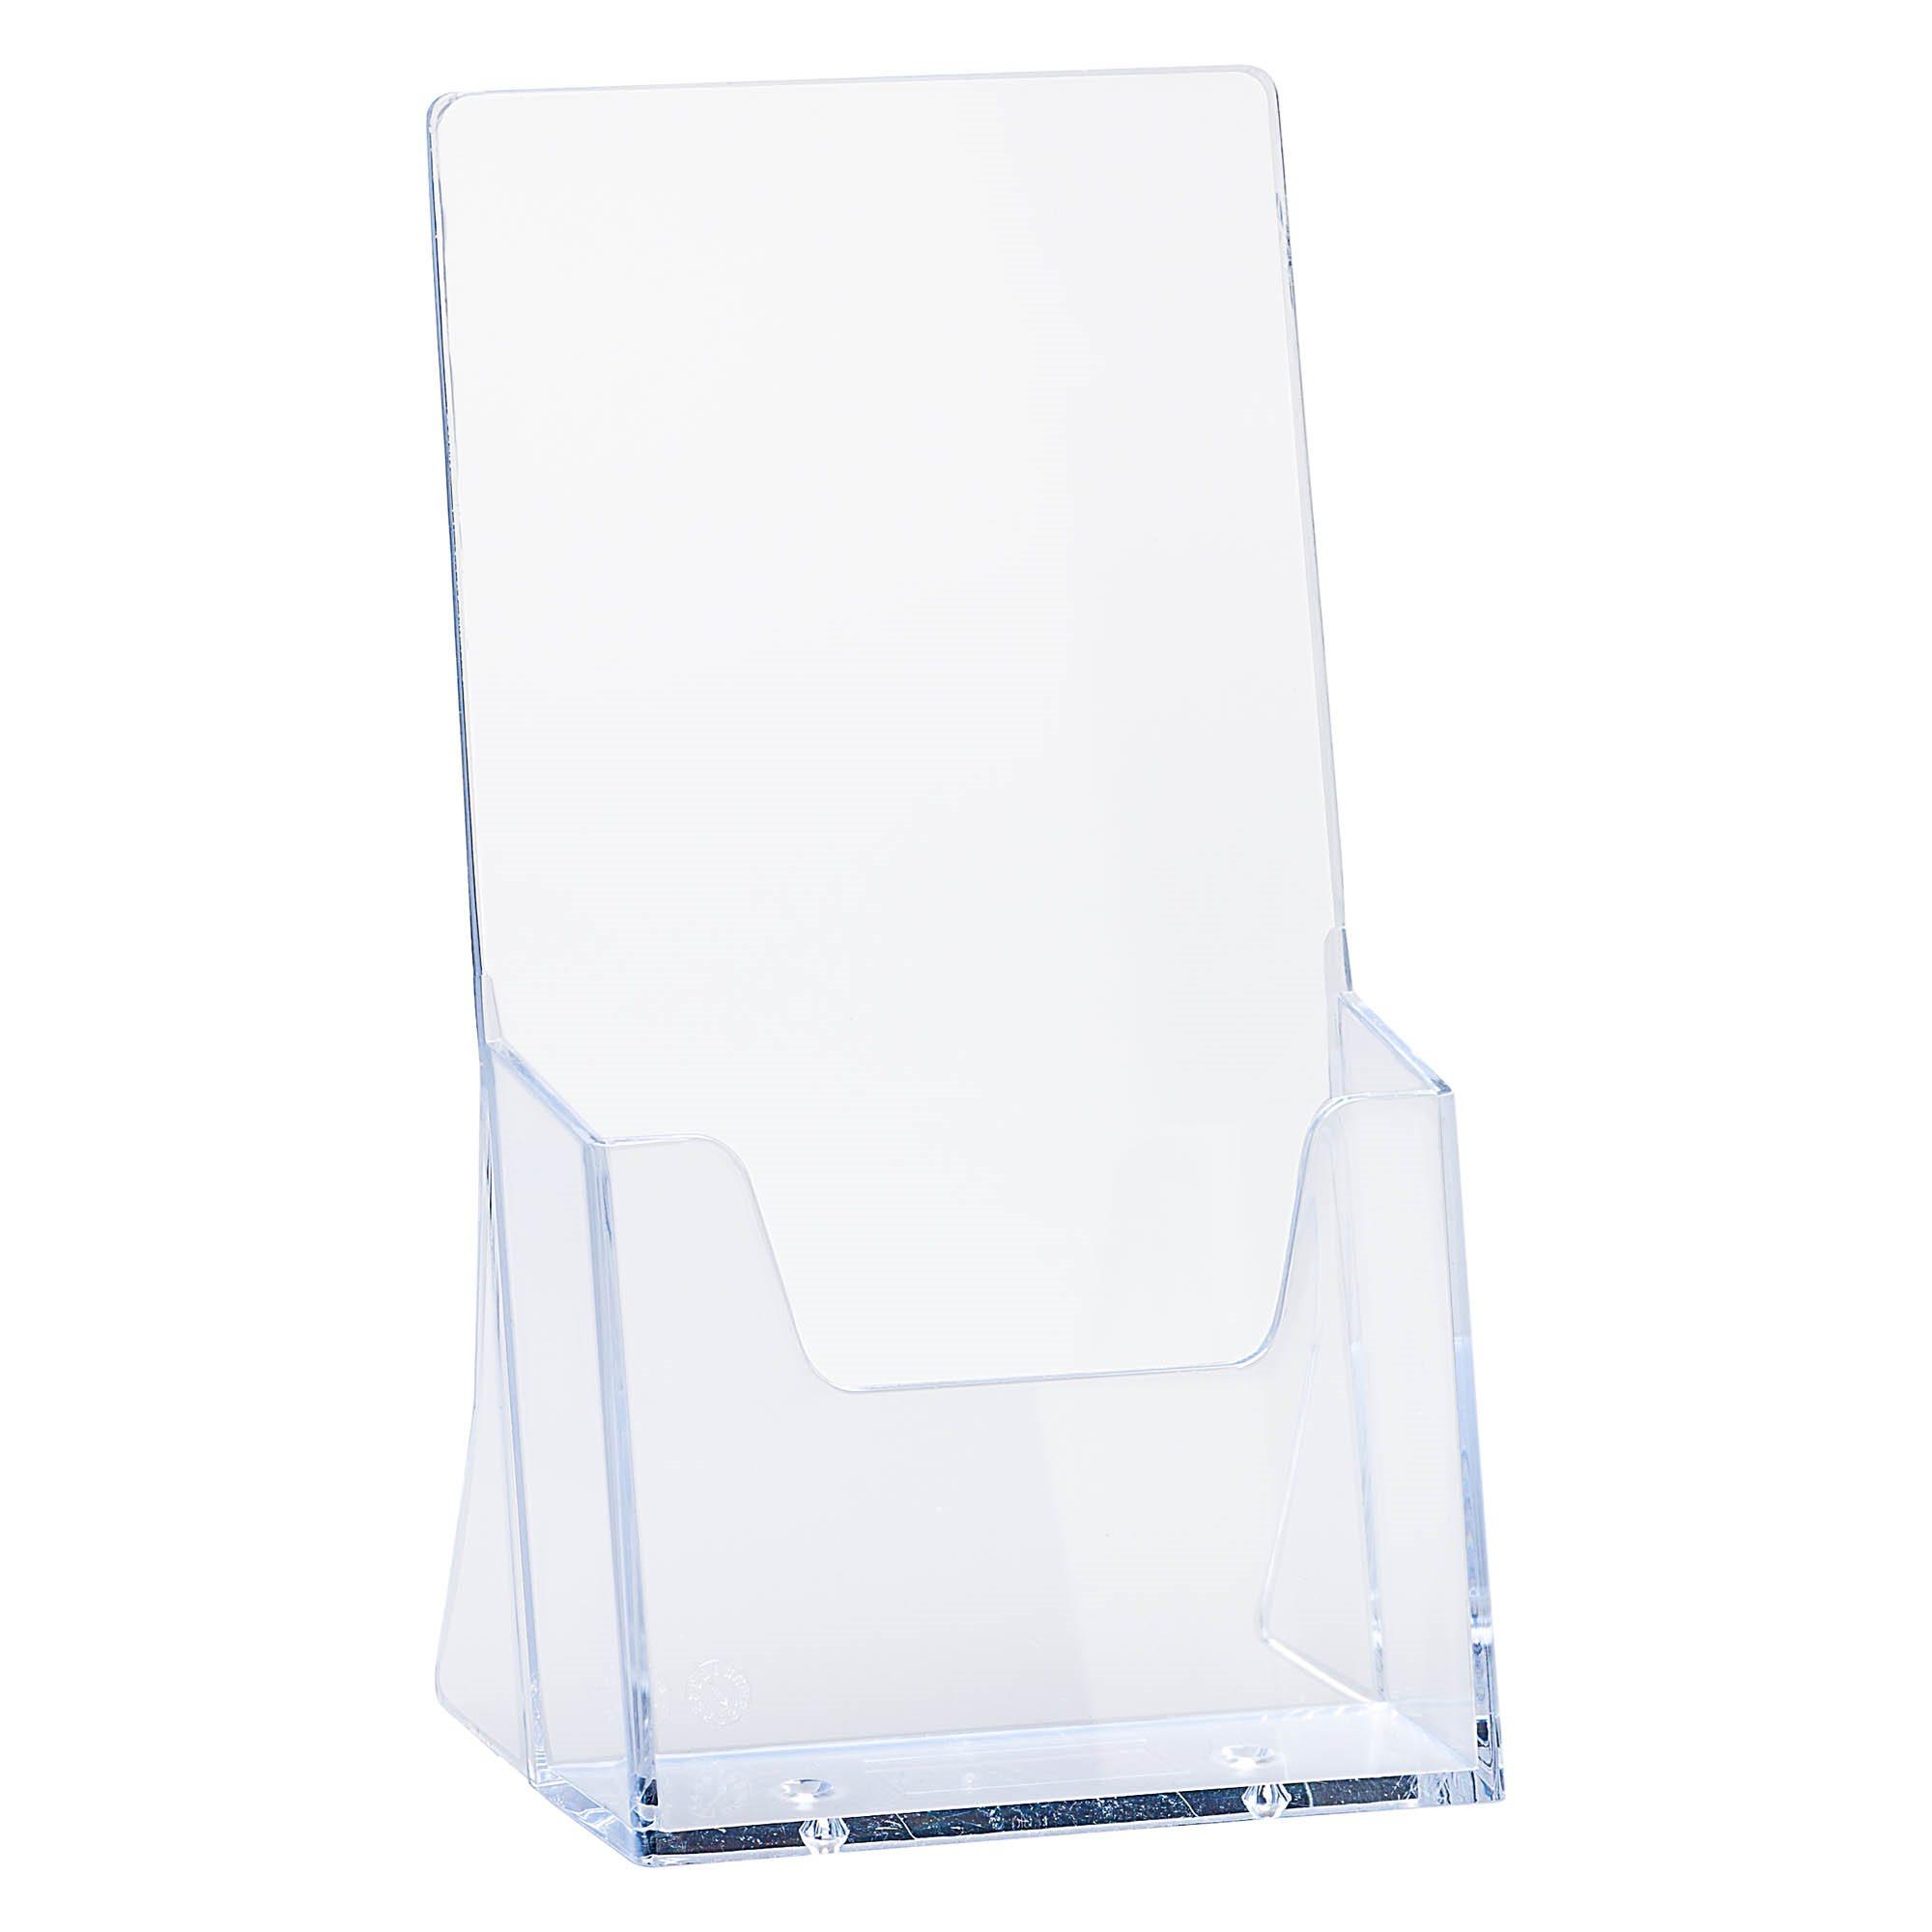 Présentoir de table 1 case 1/3 A4 transparent